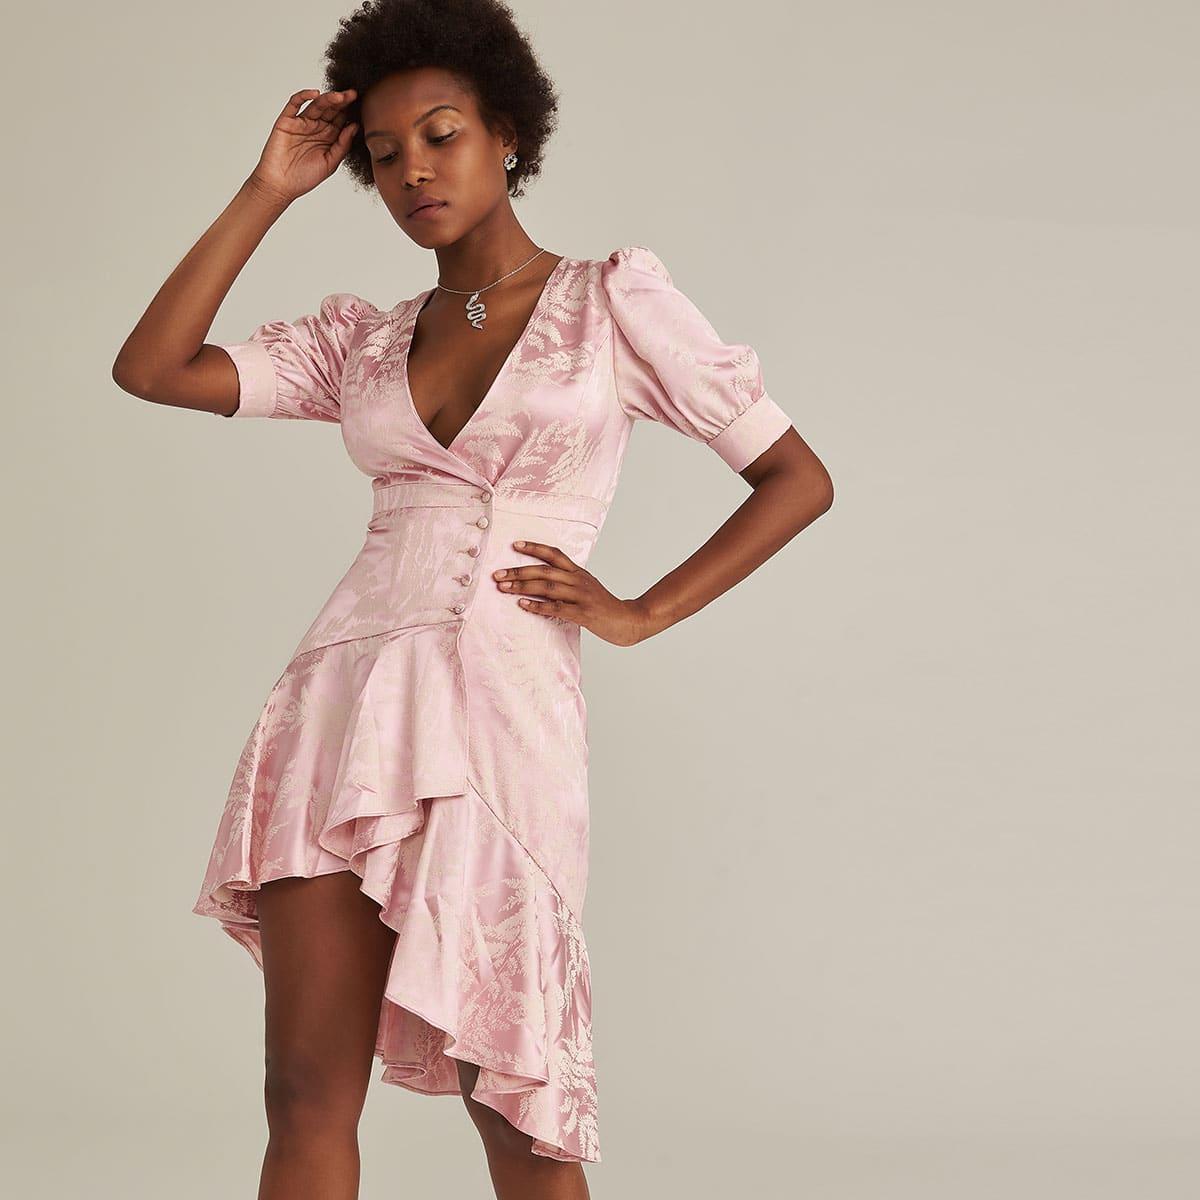 Premium Jacquard Satin Kleid mit Knöpfen vorn und asymmetrischem Raffungsaum